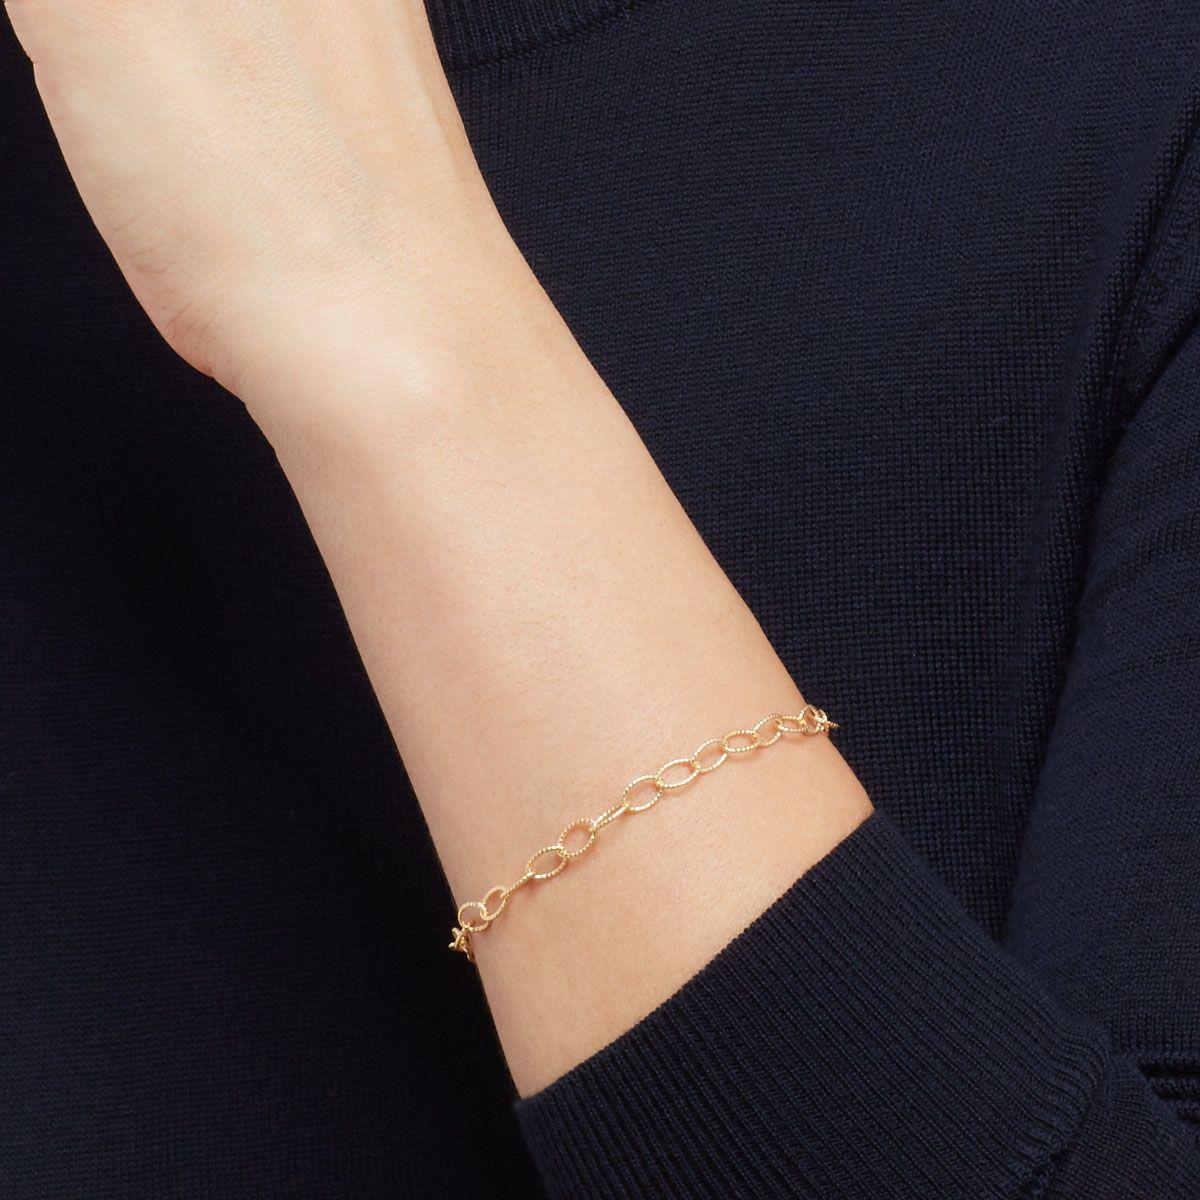 Maude - Armband - 18k vergoldet